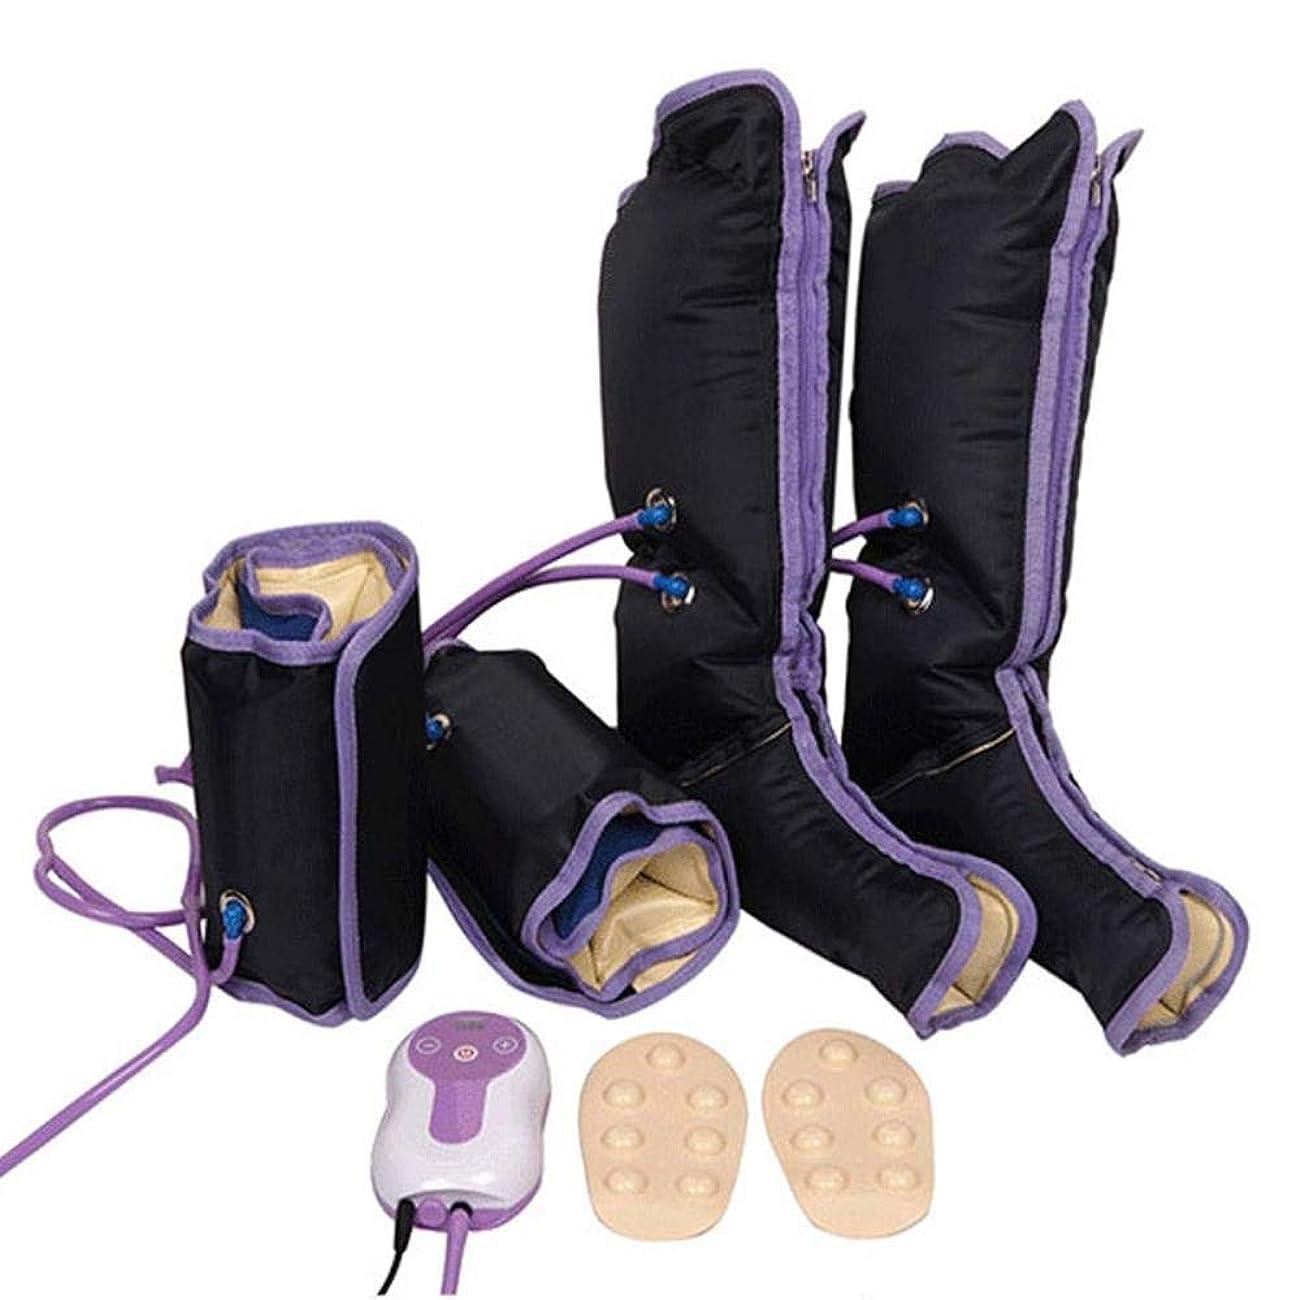 ピクニックモールス信号追い払うレッグマッサージャー空気圧縮ポータブルコントローラーの血液循環疲労を排除浮腫を排除9モードを促進します。